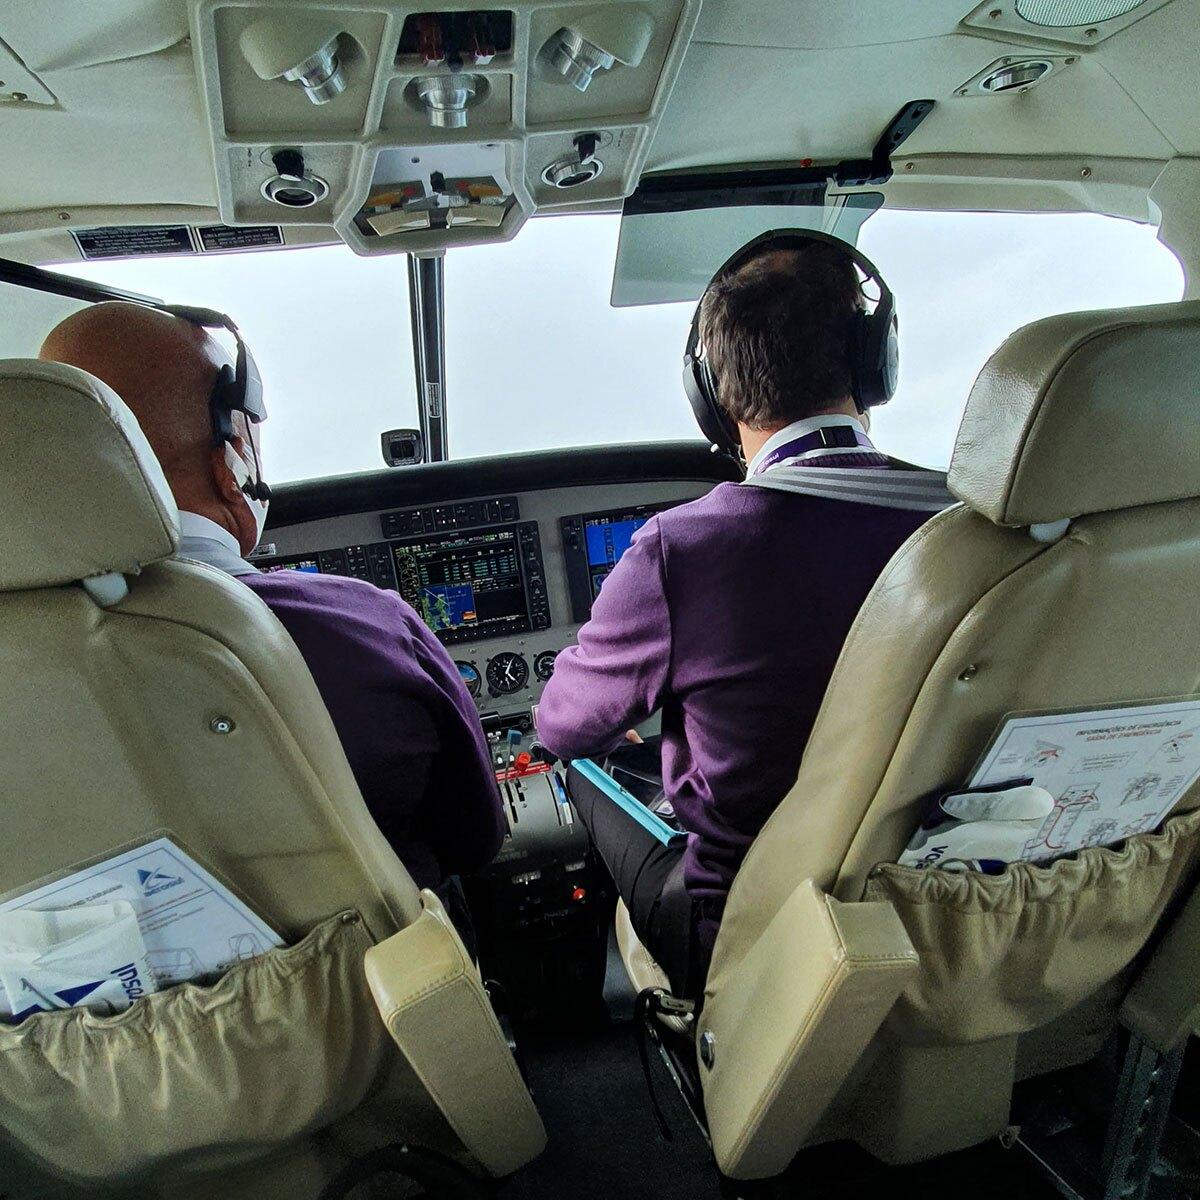 Pilotos voo inaugural Aerosul